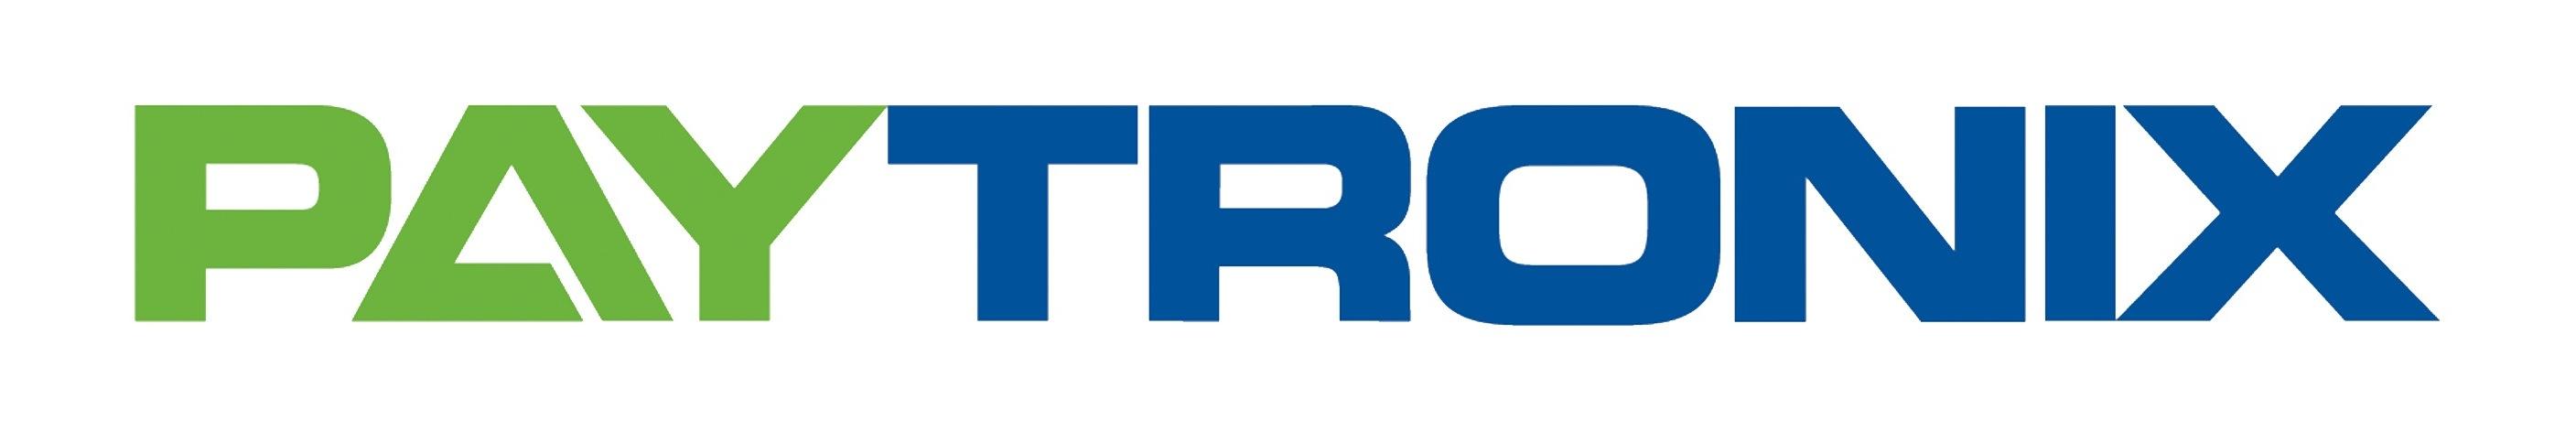 Paytronix_logo